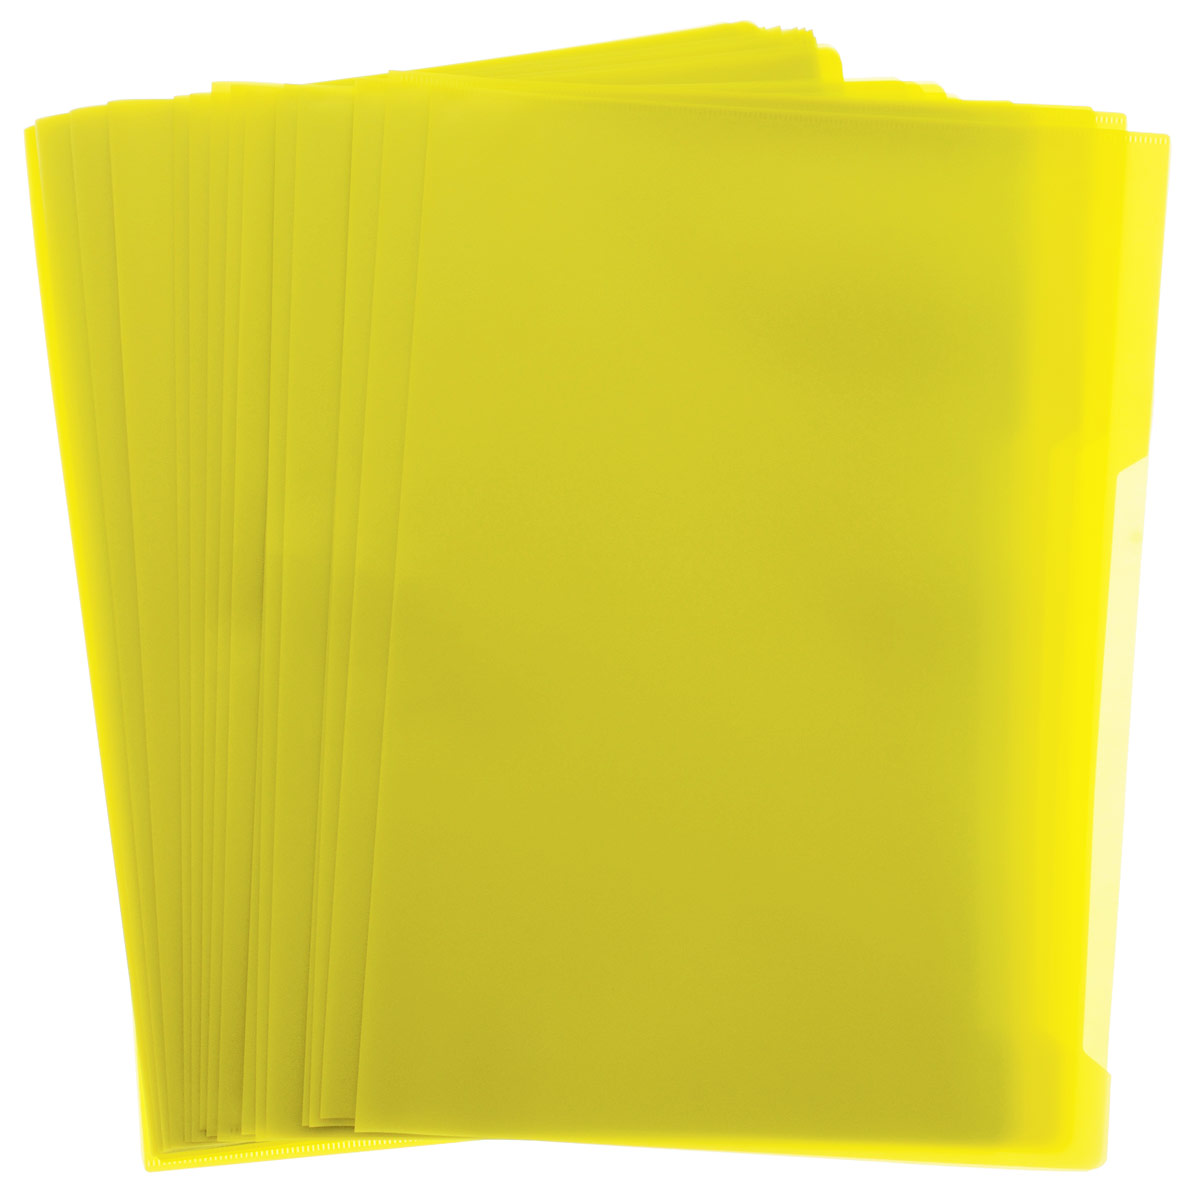 Durable Папка-уголок цвет желтый 50 шт2312-04Папка-уголок Durable, изготовленная из высококачественного полипропилена, это удобный и практичный офисный инструмент, предназначенный для хранения и транспортировки рабочих бумаг и документов формата А4. Папка оснащена выемкой для перелистывания листов. В наборе - 50 папок.Папка-уголок - это незаменимый атрибут для студента, школьника, офисного работника. Такая папка надежно сохранит ваши документы и сбережет их от повреждений, пыли и влаги.